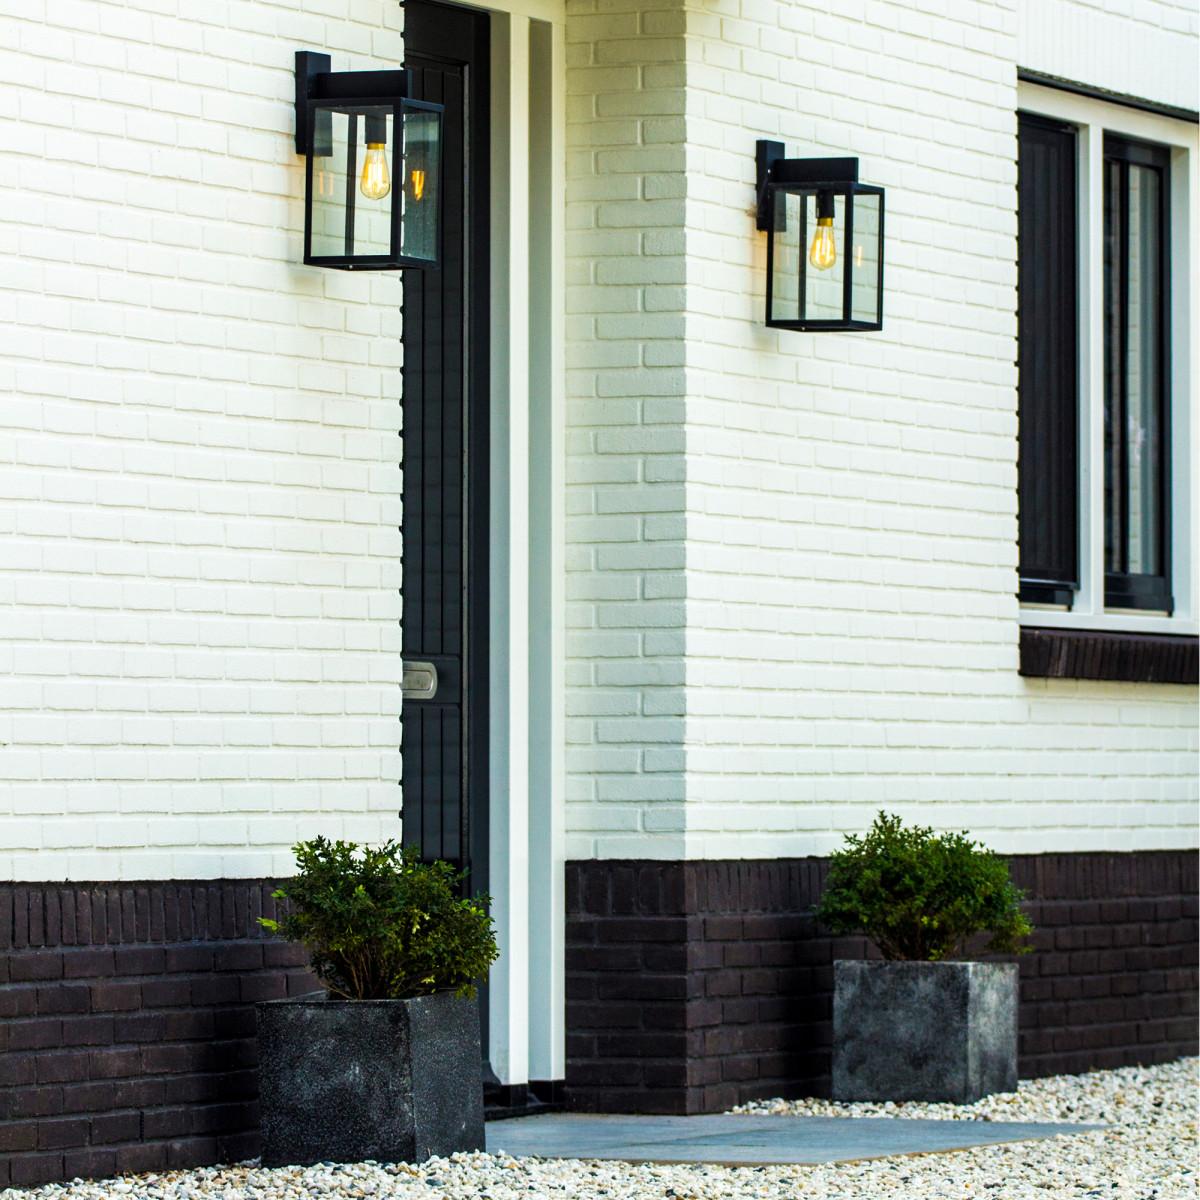 Buitenverlichting van KS Verlichting, strak klassieke buitenlamp, hampton, klassieke gevelverlichting, stijlvolle klassieke wandverlichting van KS Verlichting